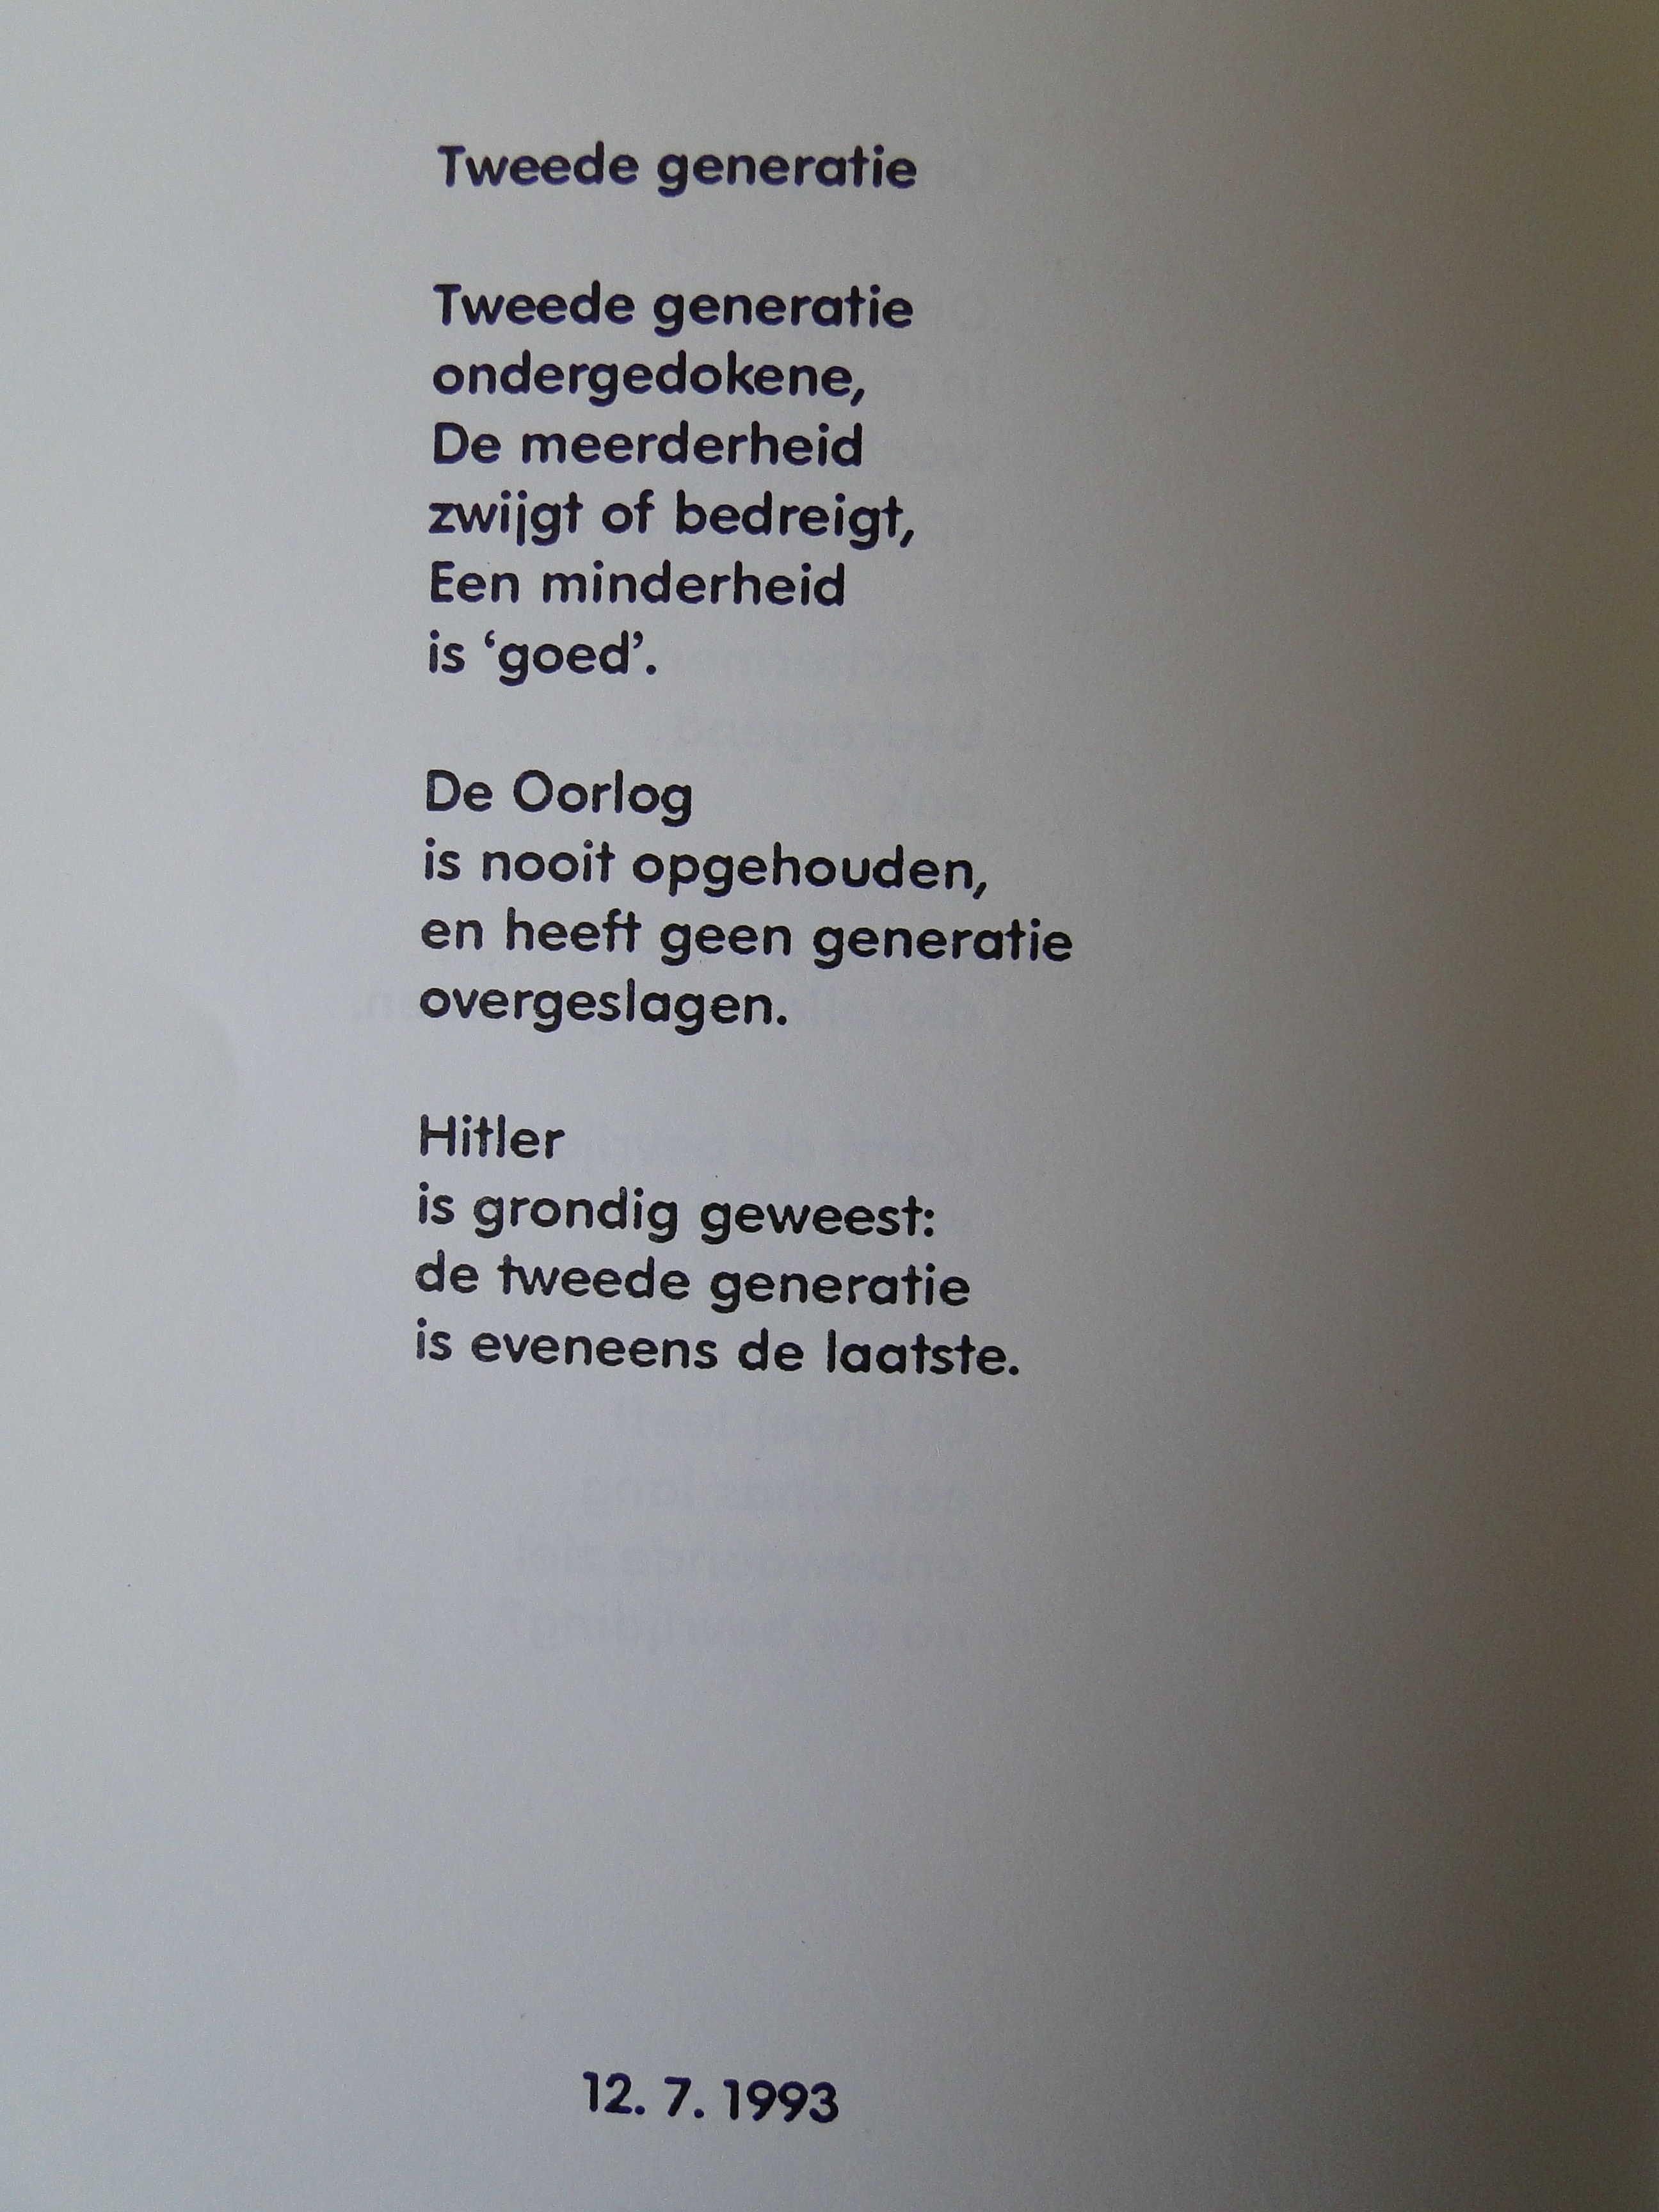 Saartje Hoed Van Gelderen